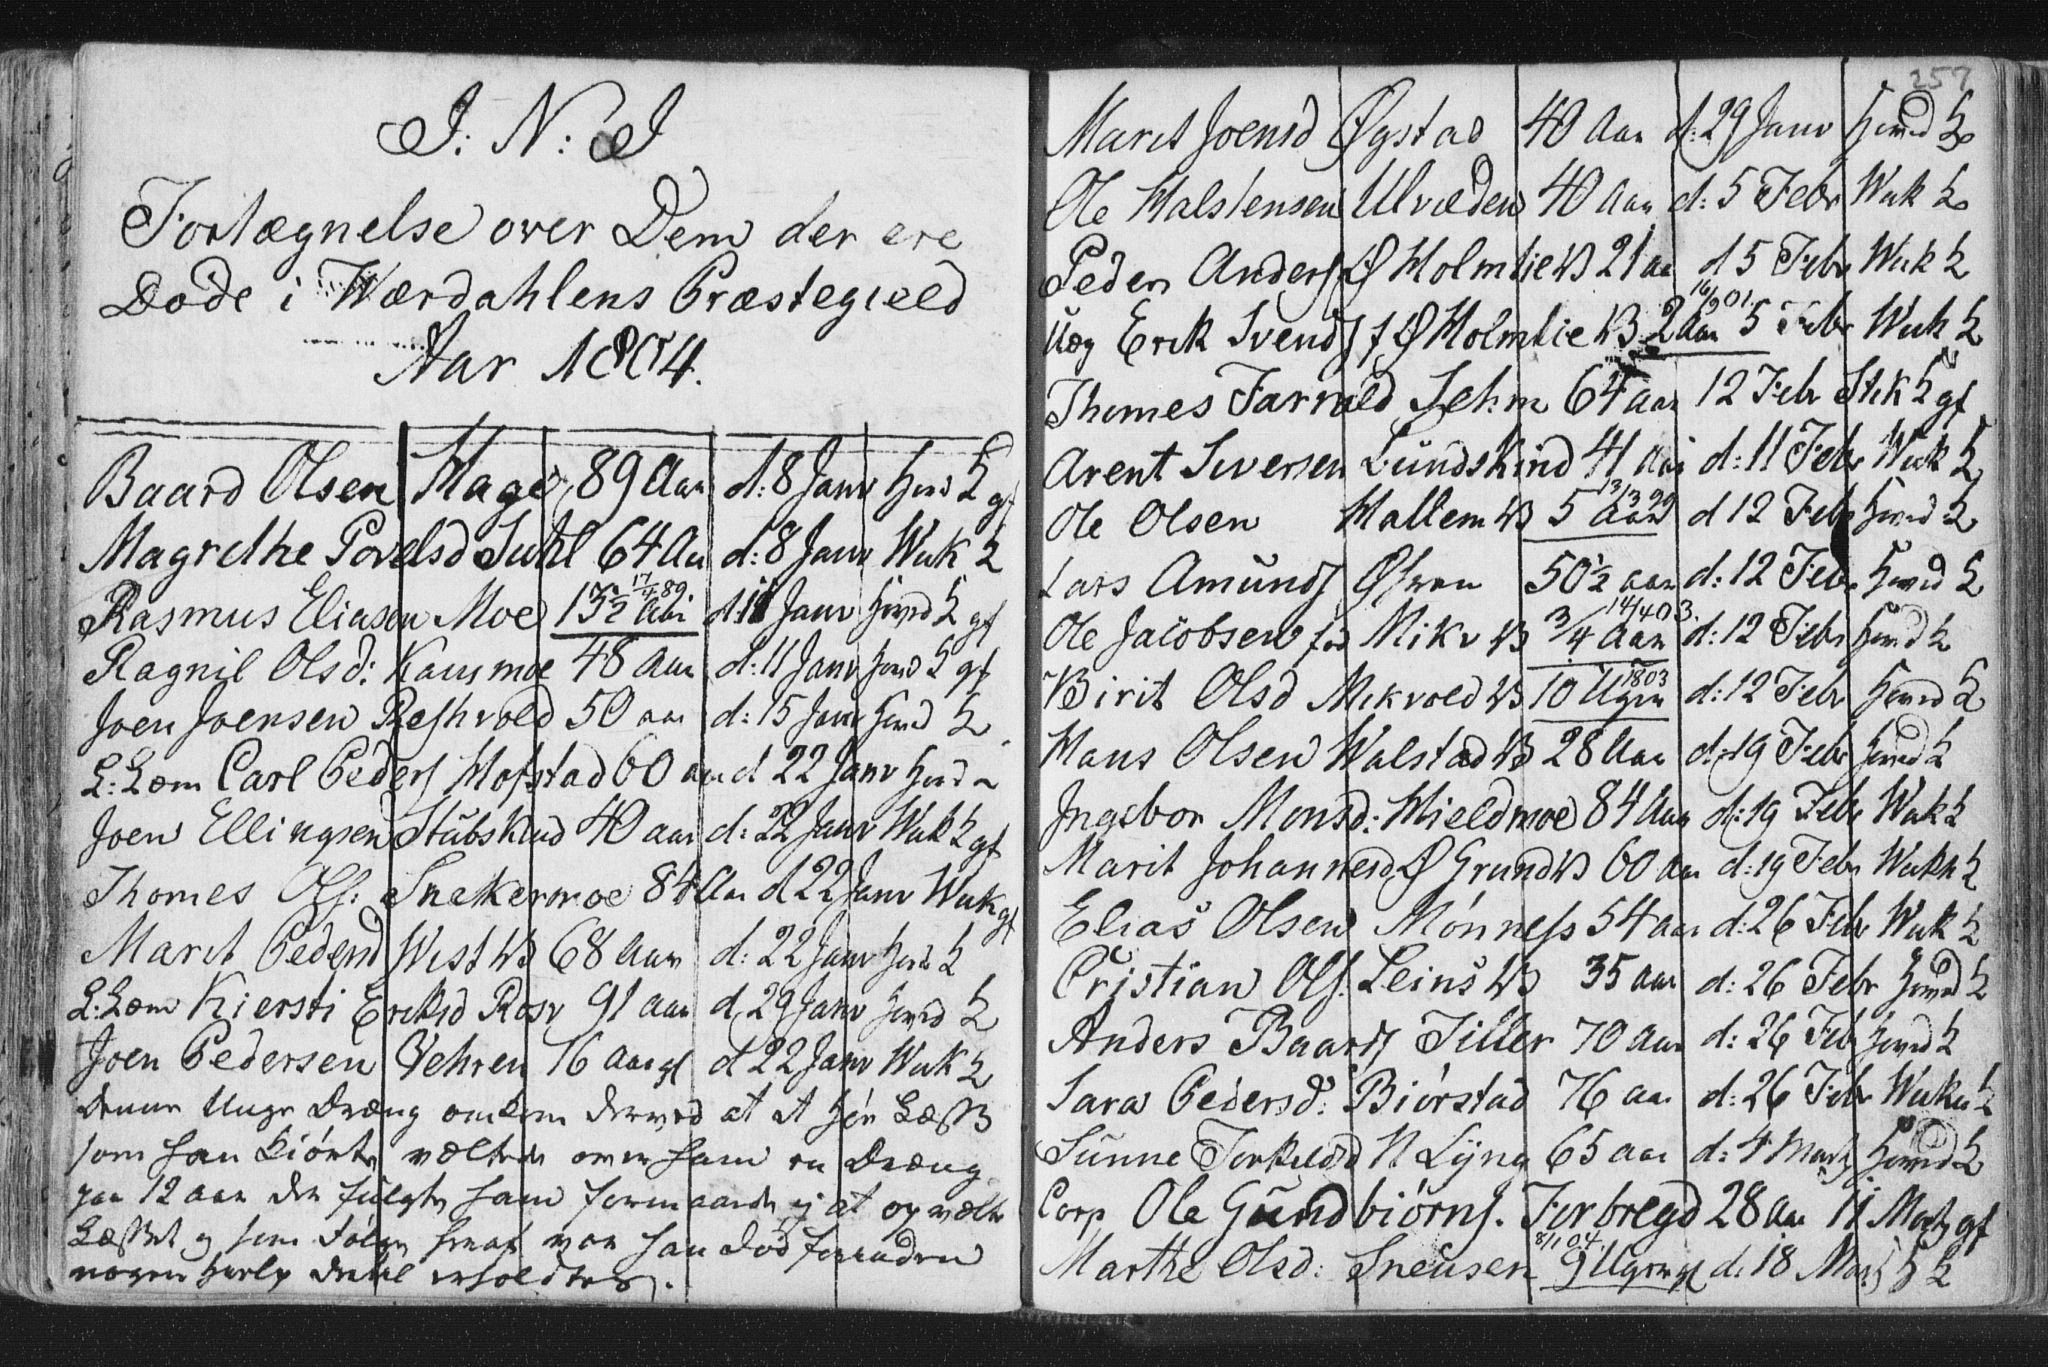 SAT, Ministerialprotokoller, klokkerbøker og fødselsregistre - Nord-Trøndelag, 723/L0232: Ministerialbok nr. 723A03, 1781-1804, s. 257